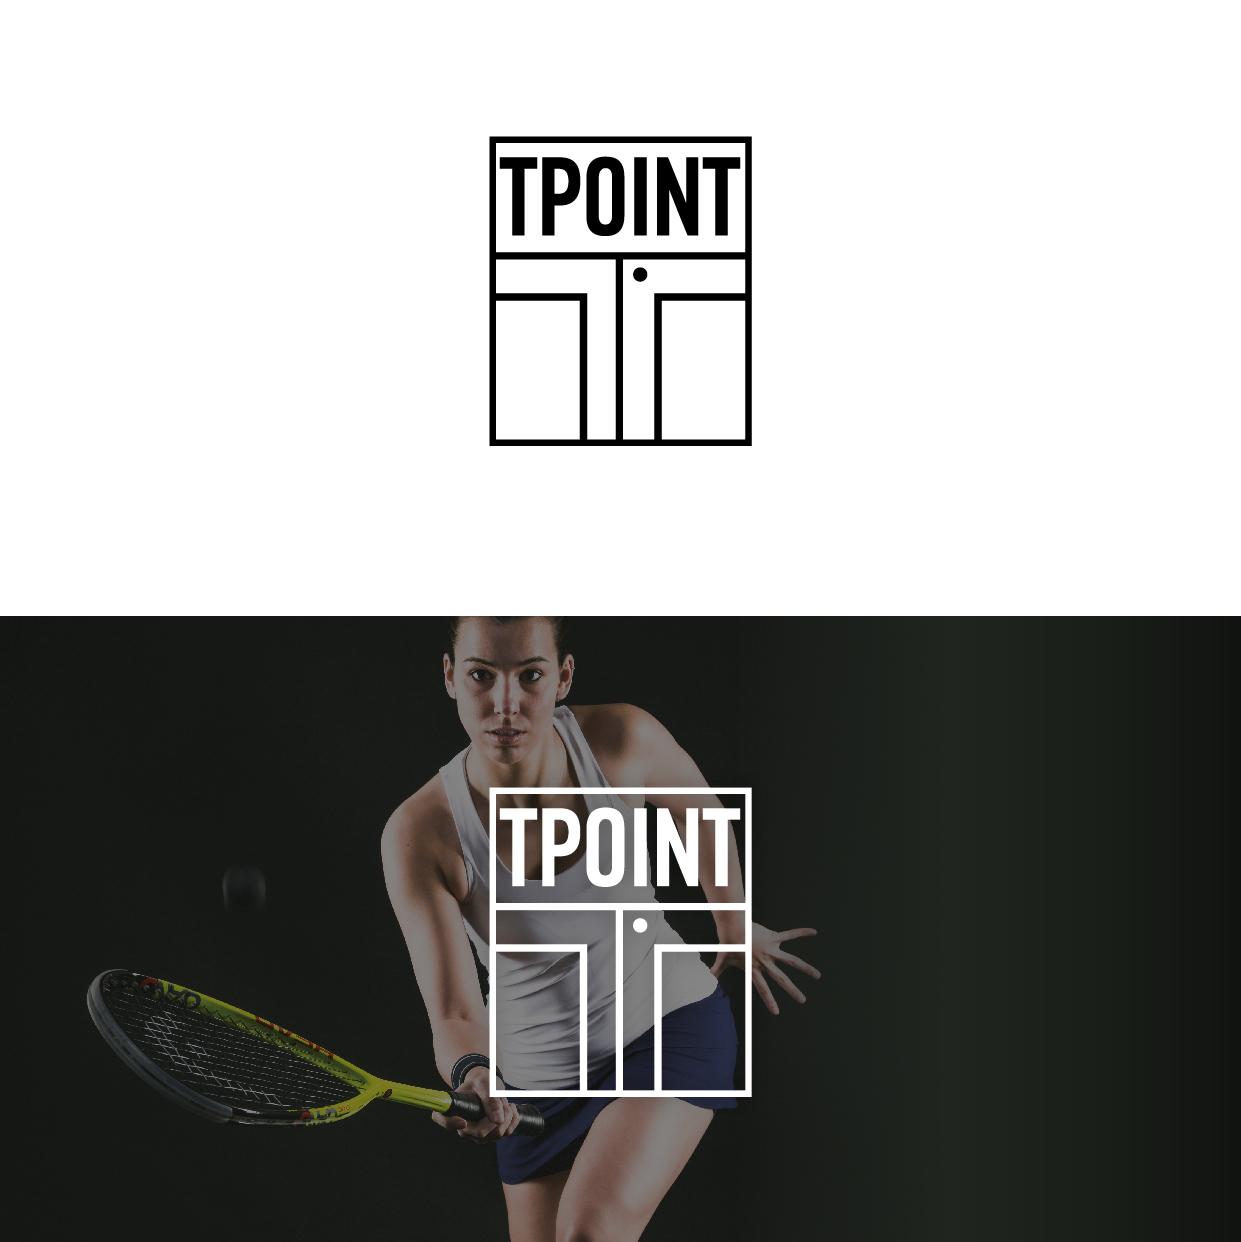 Разработка логотипа Сквош-клуба фото f_3295cdeb1612d434.jpg